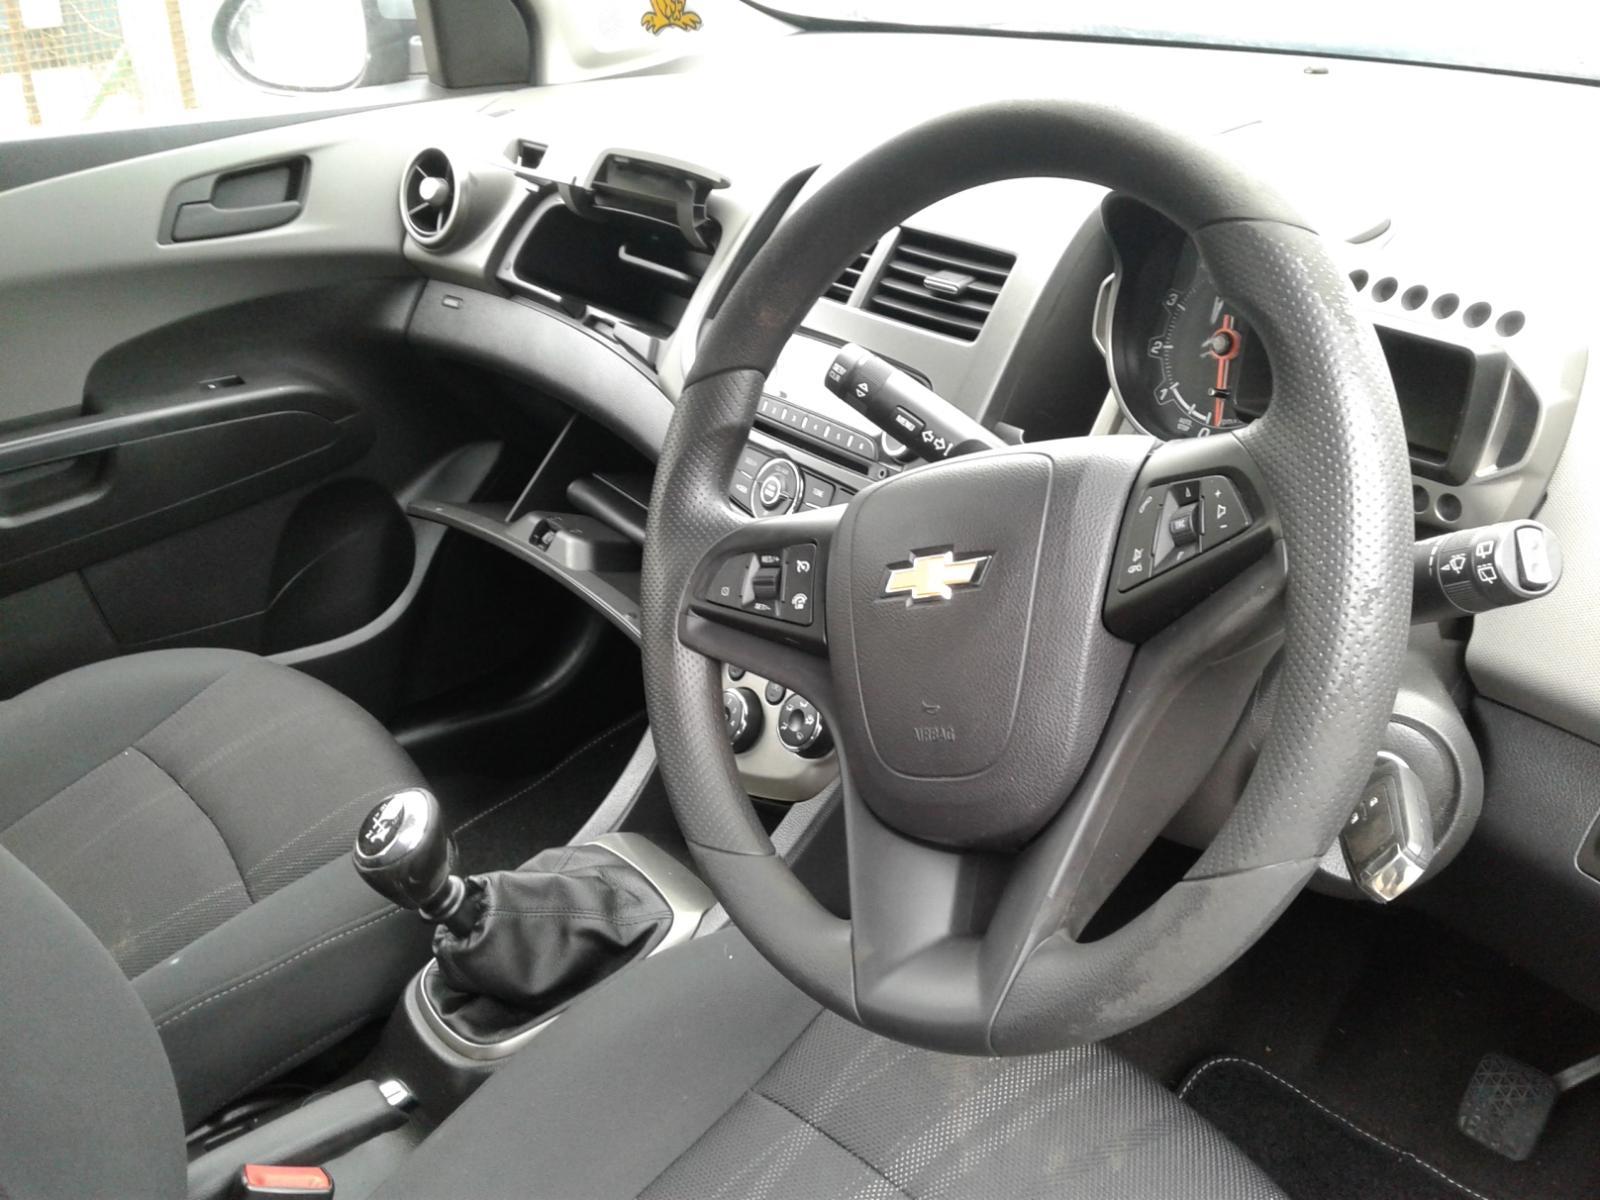 View Auto part CHEVROLET AVEO 2012 5 Door Hatchback